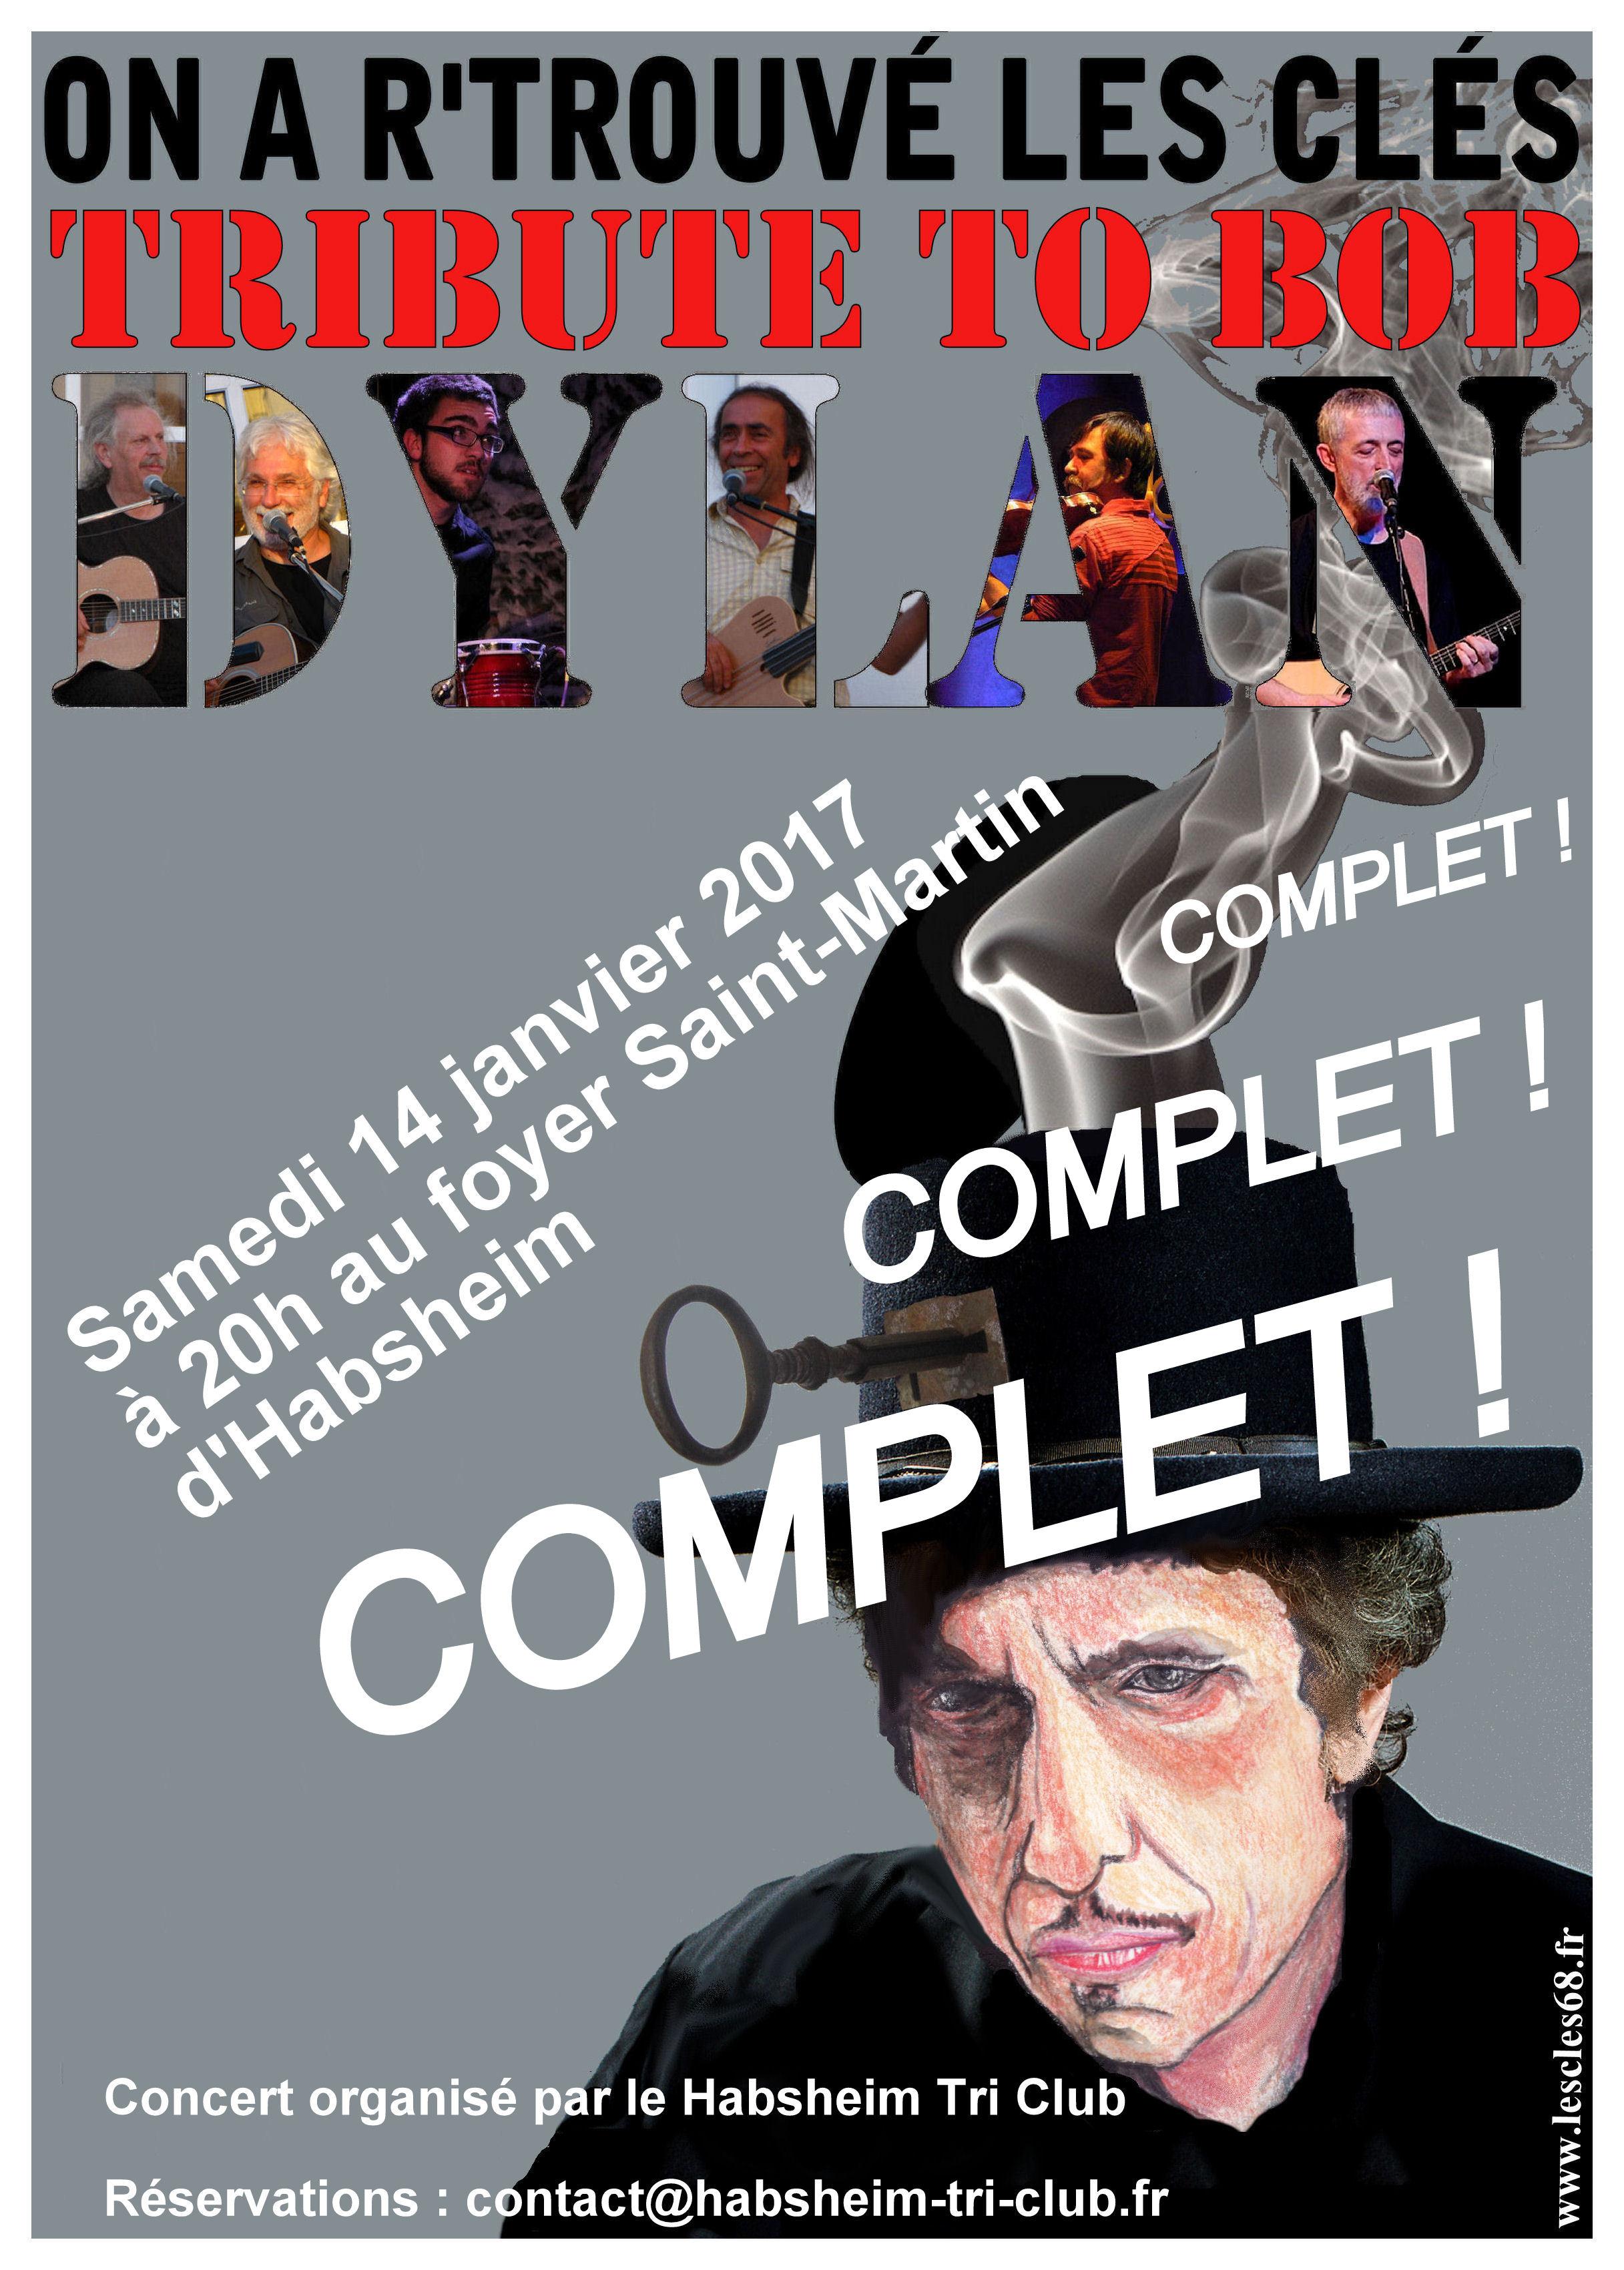 Concert des clés COMPLET !